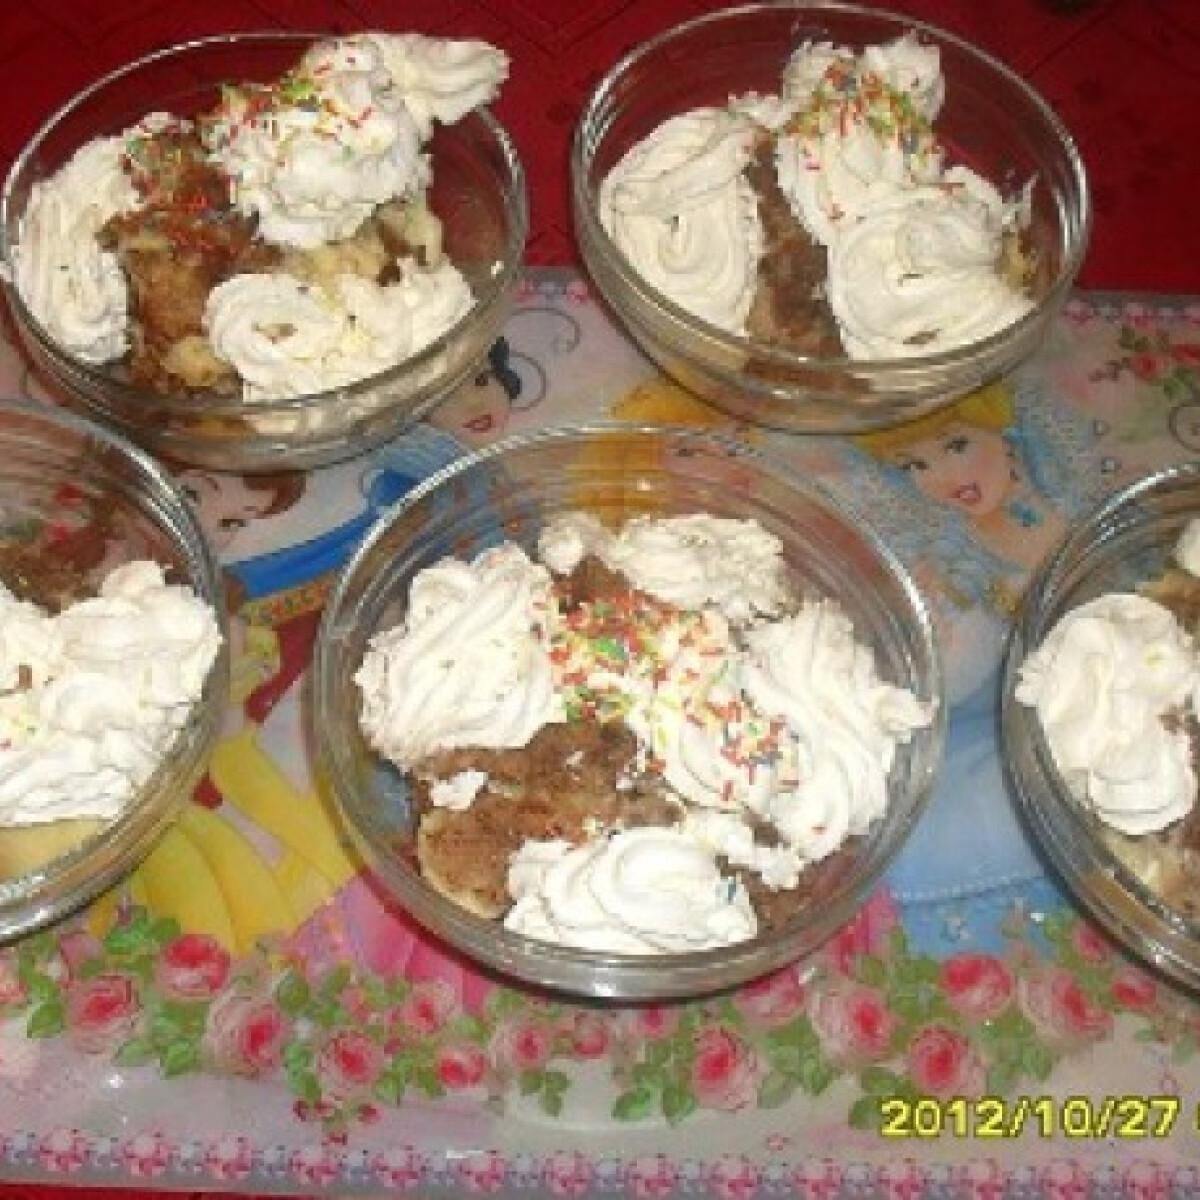 Somlói galuska Kiss Móni konyhájából